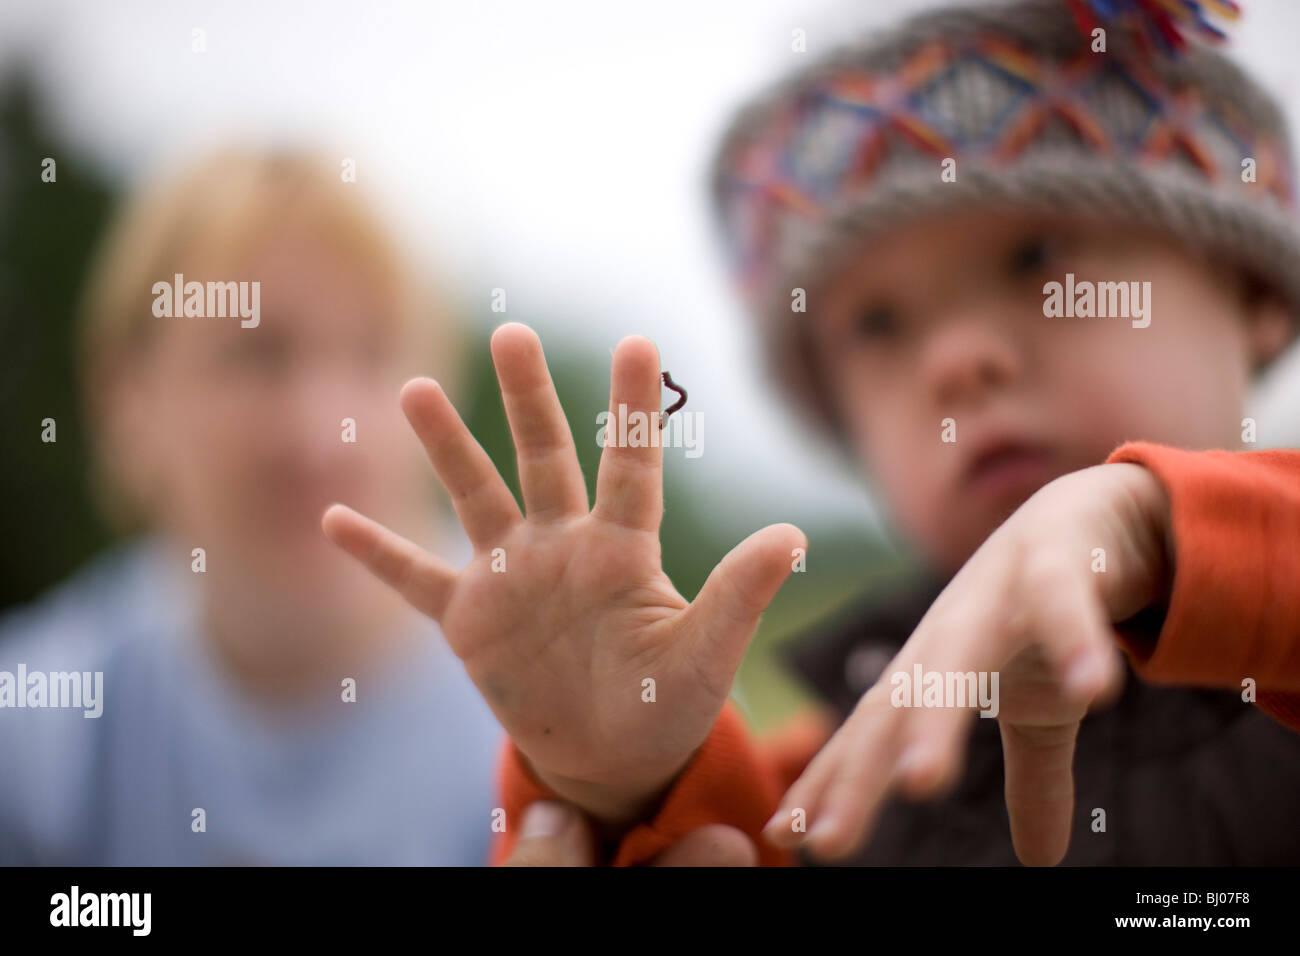 Ragazzo che guarda ad un inchworm strisciando sulla sua mano. Foto Stock